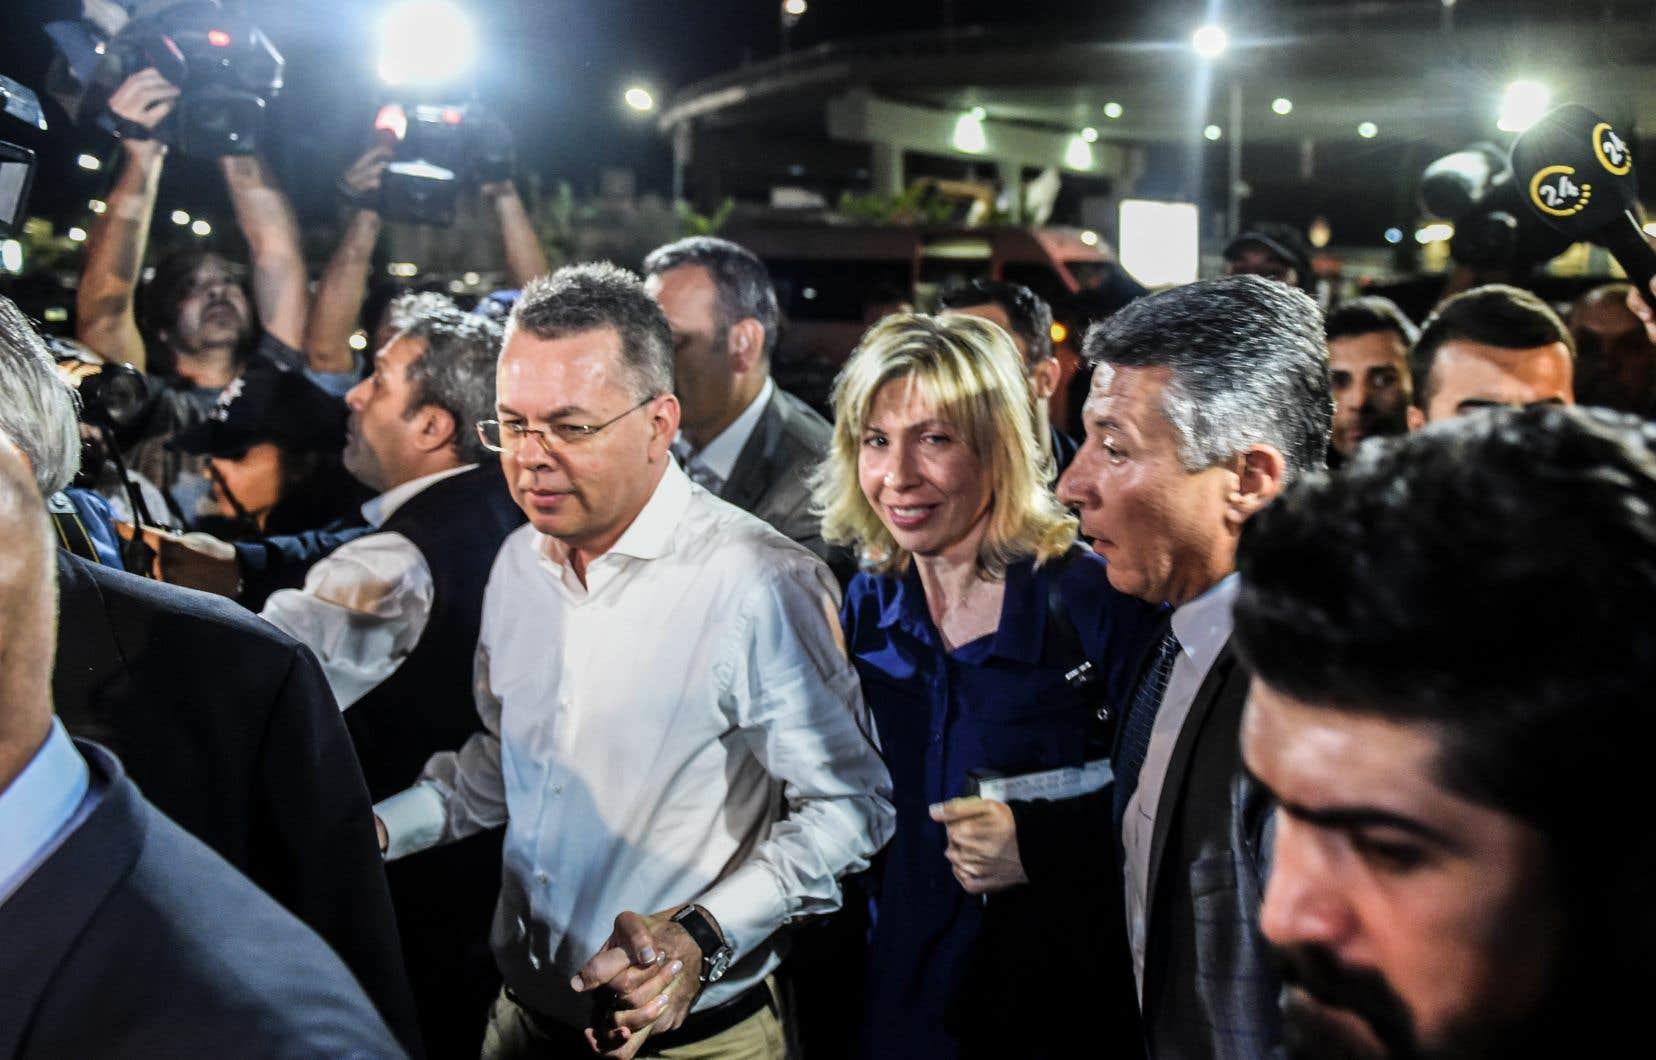 Andrew Brunson s'est vu infliger cette peine de prison après avoir été reconnu coupable de «soutien à des organisations terroristes», en l'occurrence le Parti des travailleurs du Kurdistan (PKK, séparatistes kurdes) et le réseau de Fethullah Gülen, le prédicateur accusé par Ankara d'avoir orchestré le putsch manqué de juillet 2016.